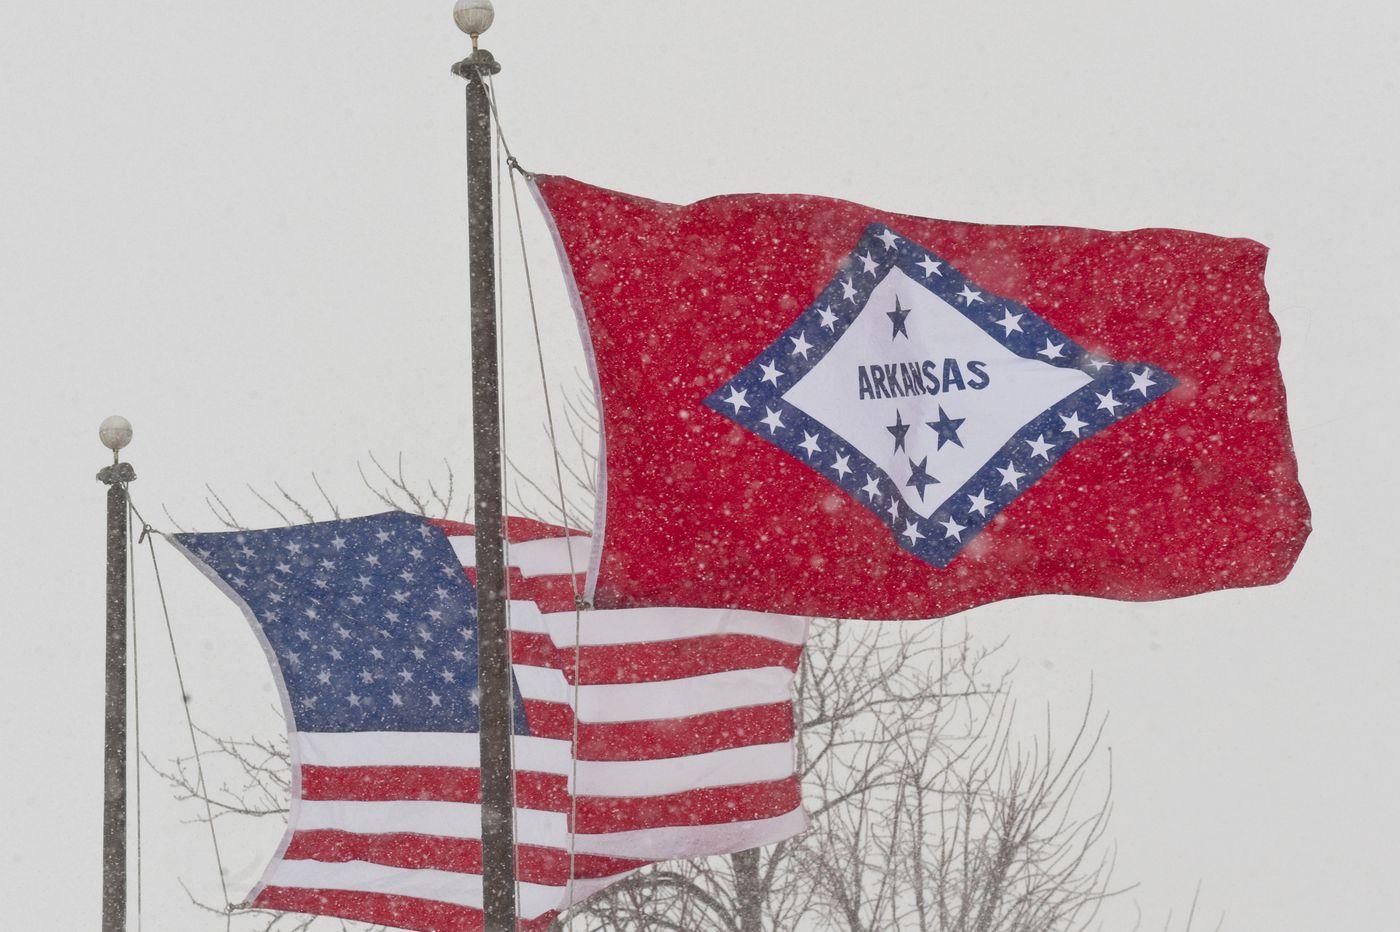 Bid to strip Confederate link from Arkansas flag fails again